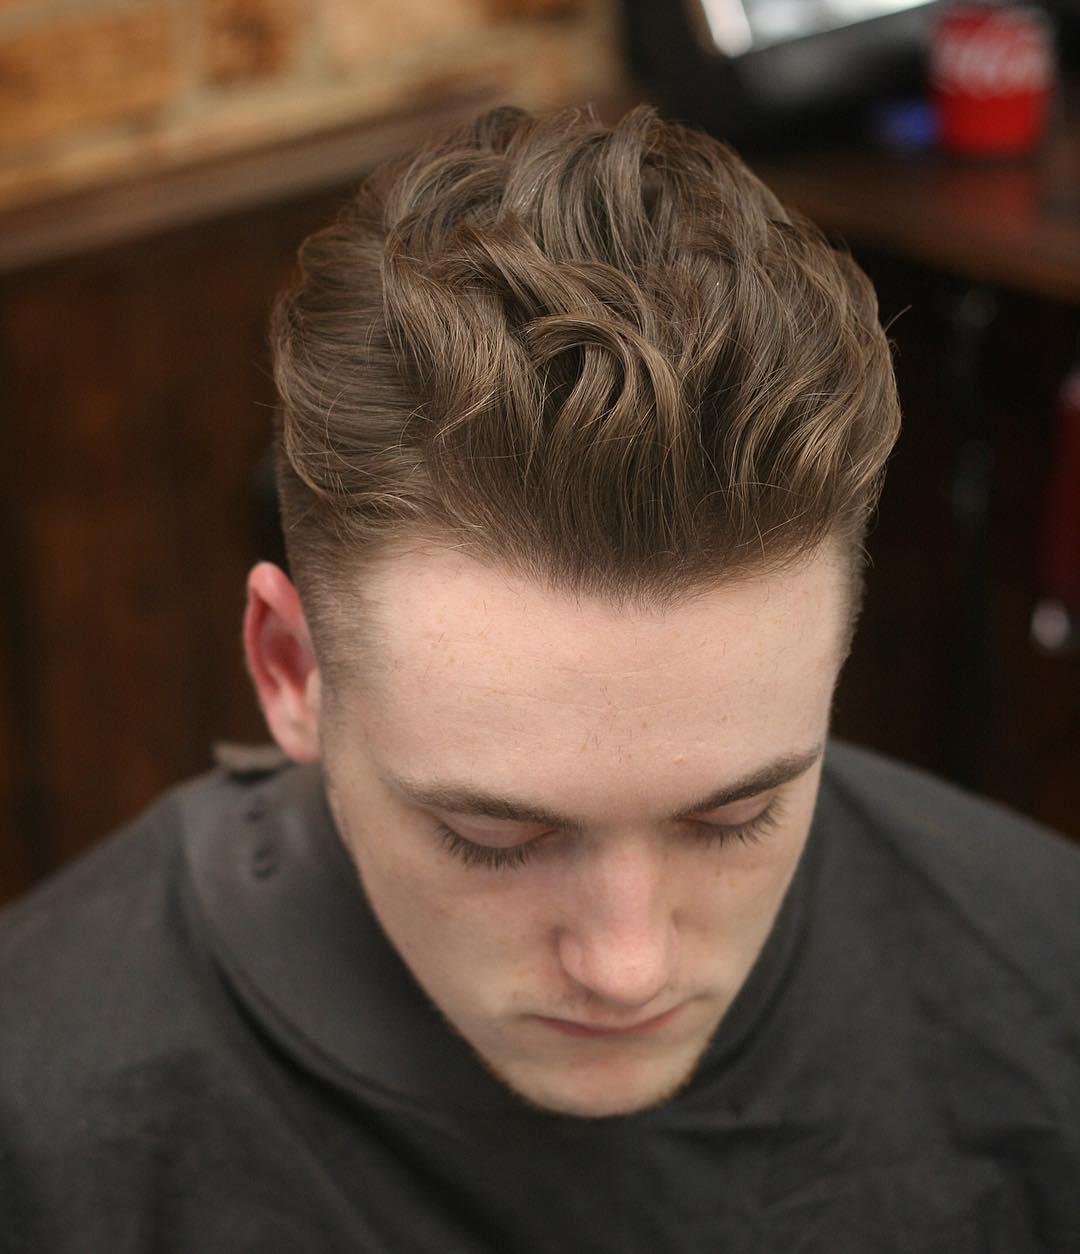 100 coupes de cheveux les plus populaires pour les hommes pour 2020 5f3f760830e5e - 100+ coupes de cheveux les plus populaires pour les hommes pour 2020